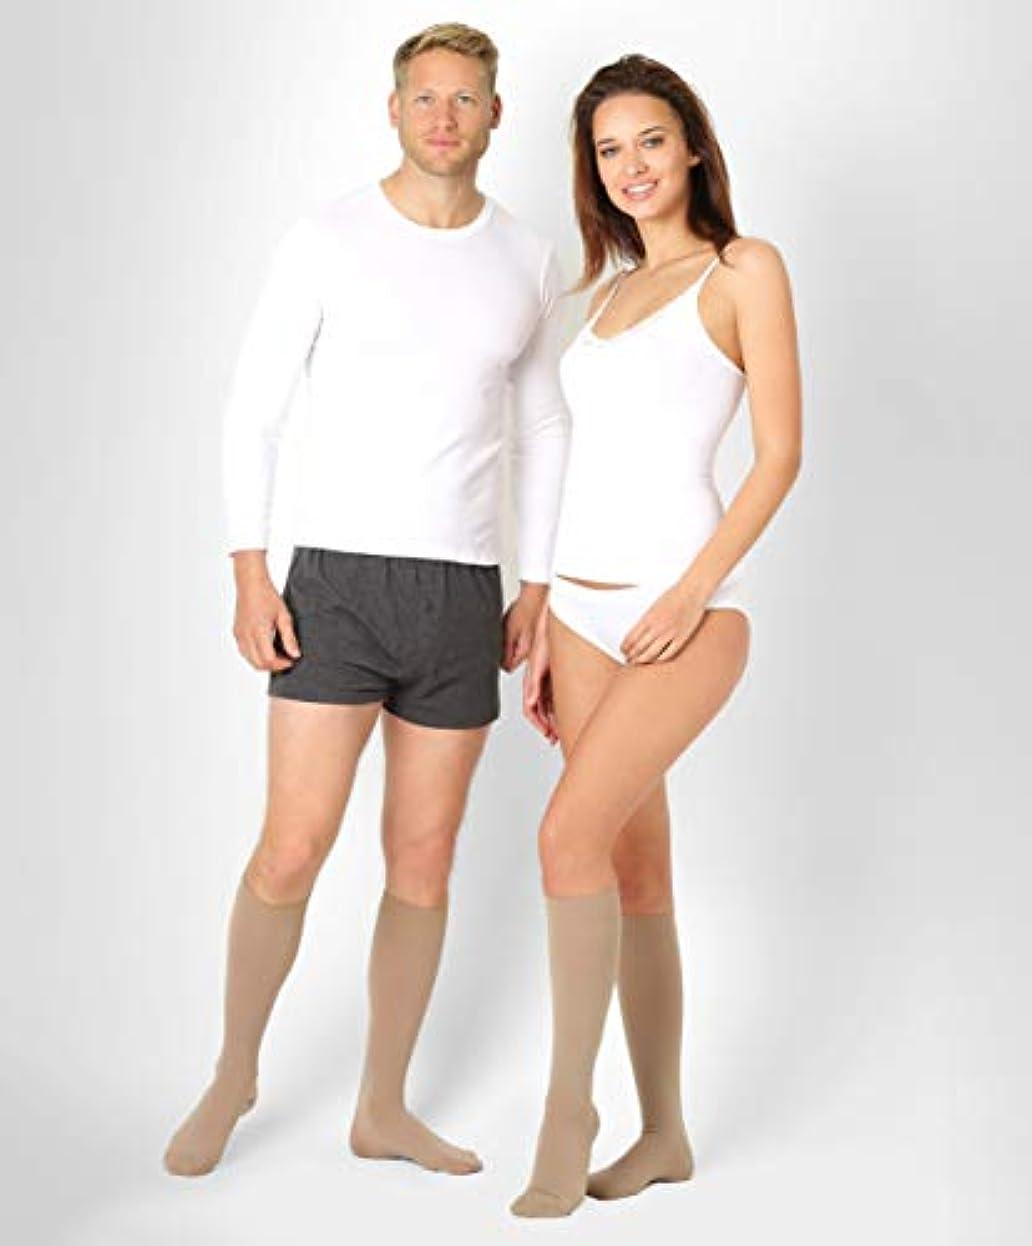 光沢トリッキーパスポートBeFit24医療用着圧ソックスクラス2 (23-32 mmHg) 男性?女性用 ー あらゆるライフスタイルのニーズに対応ヨーロッパ製 Small Beige 2rost